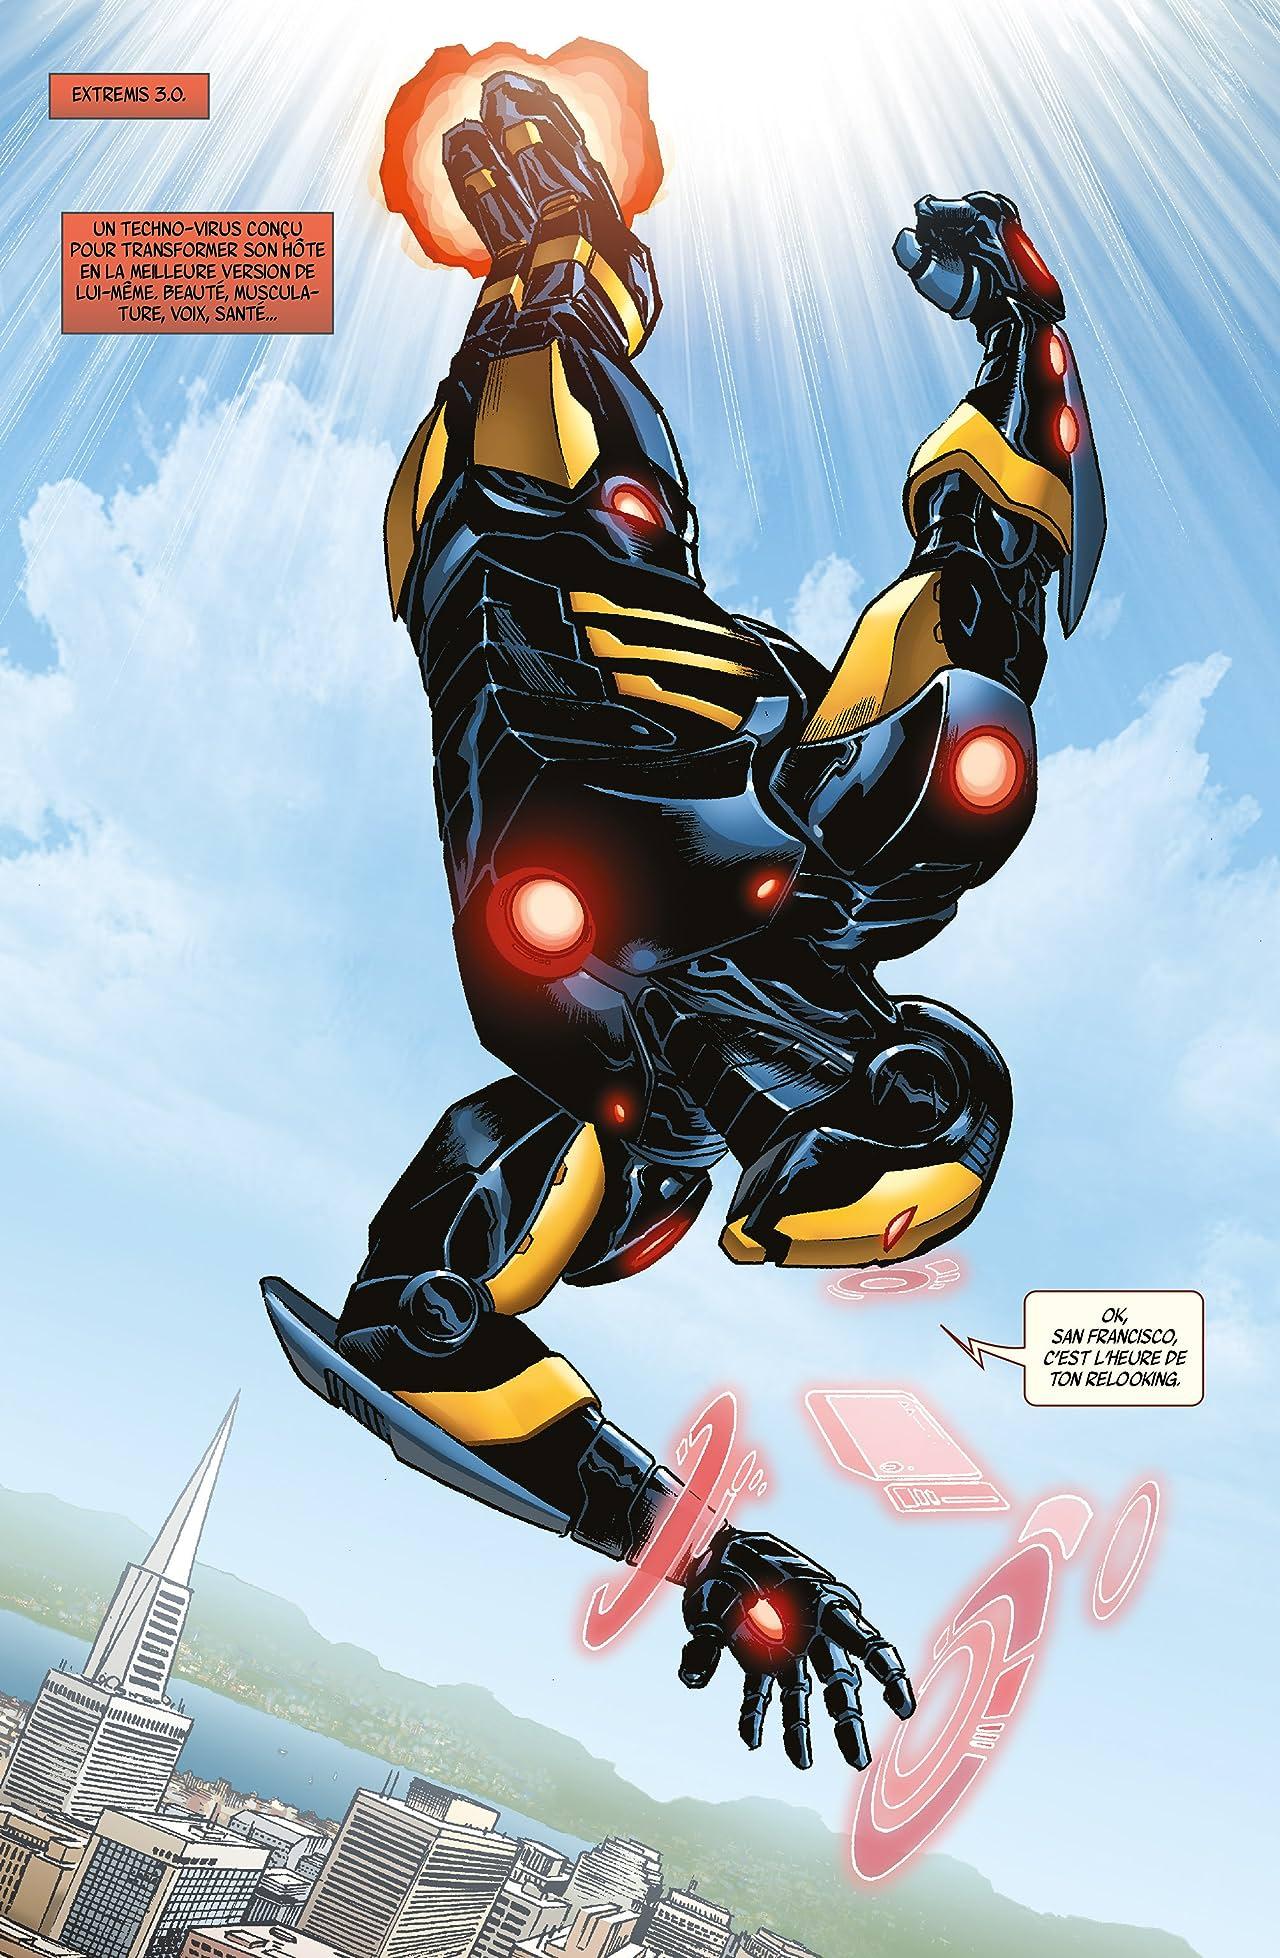 Superior Iron Man: Odieusement supérieur